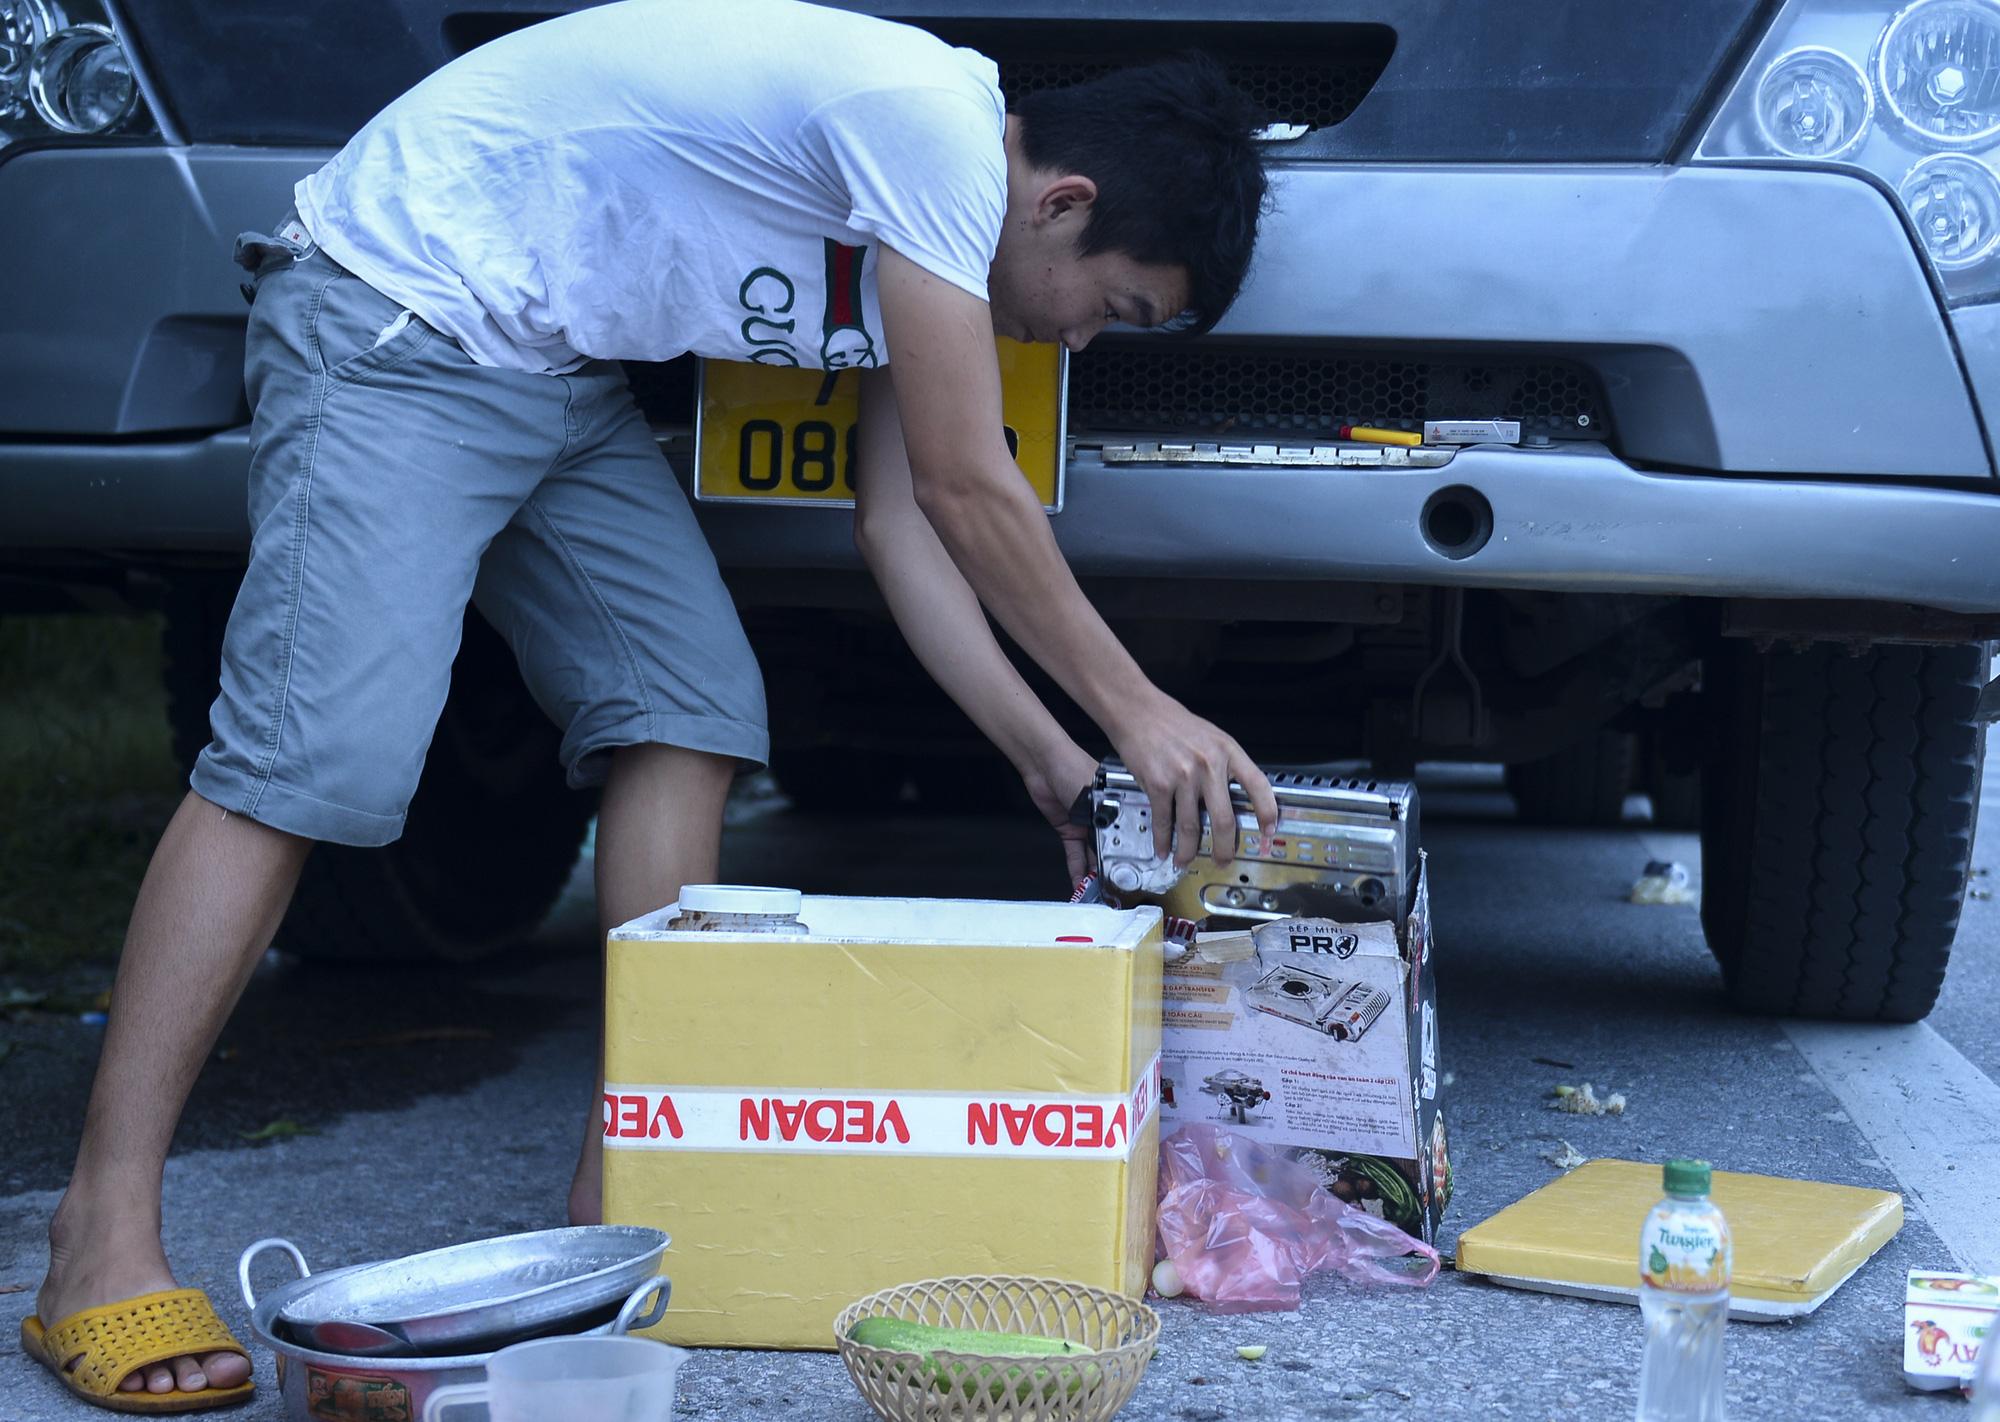 Bữa cơm nấu vội ngay ven đường của tài xế nằm chờ gần 2 ngày để xin giấy luồng xanh vào Hà Nội - Ảnh 11.